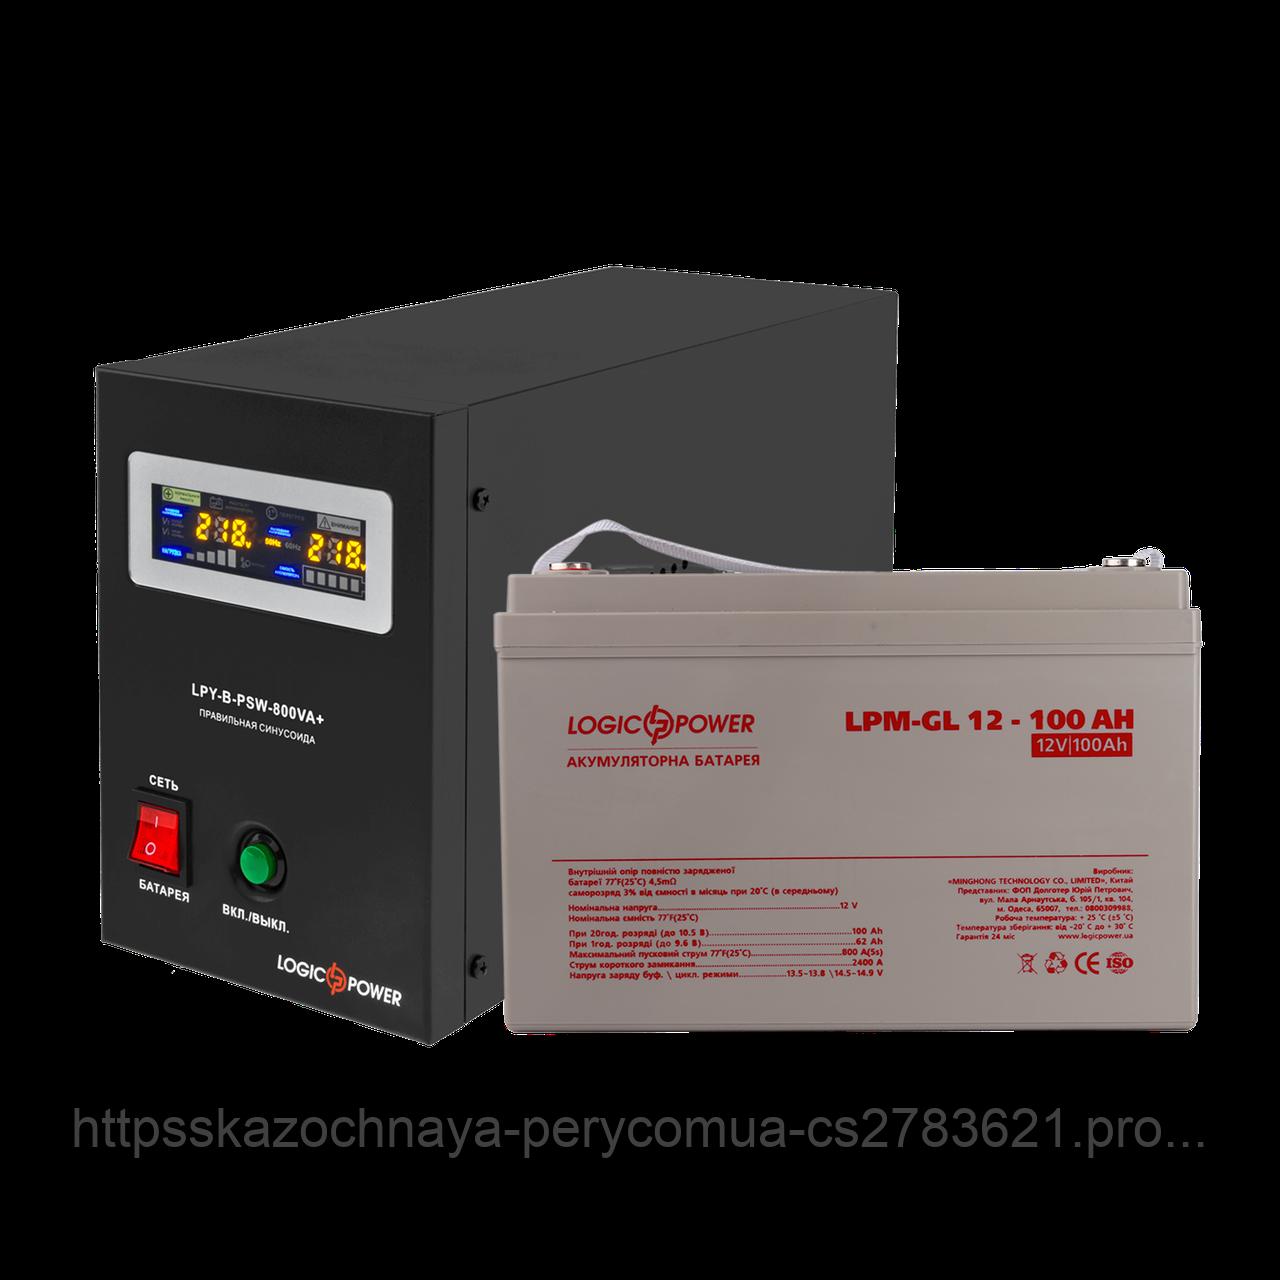 Комплект резервного питания для котла и теплого пола Logicpower B800 + гелевая батарея 1400ватт